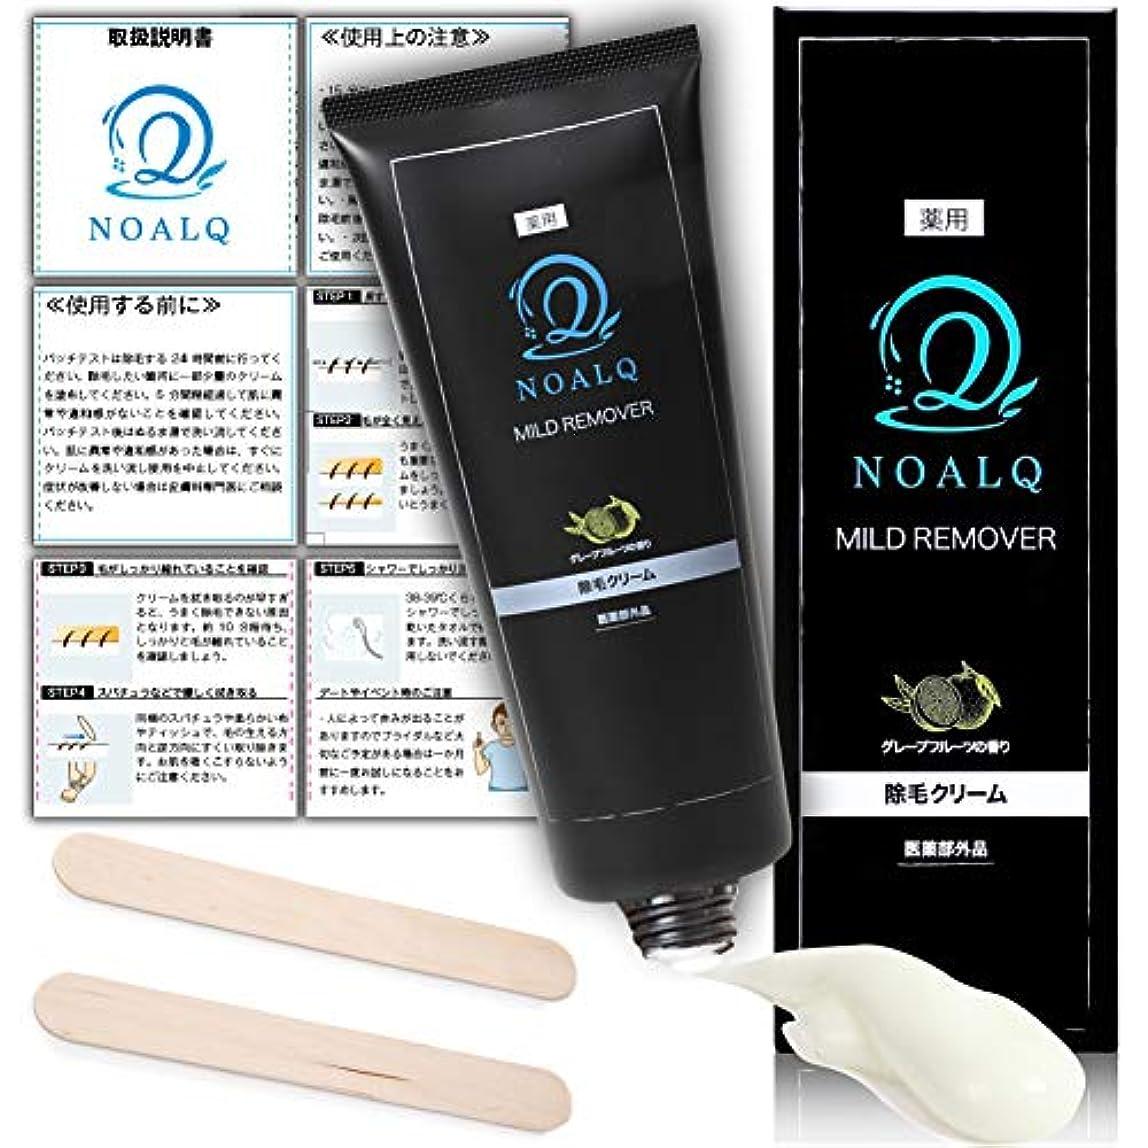 脅威苦難薬理学NOALQ(ノアルク) 除毛クリーム 薬用リムーバークリーム 超大容量220g メンズ [陰部/VIO/アンダーヘア/ボディ用] 日本製 グレープフルーツフレーバータイプ